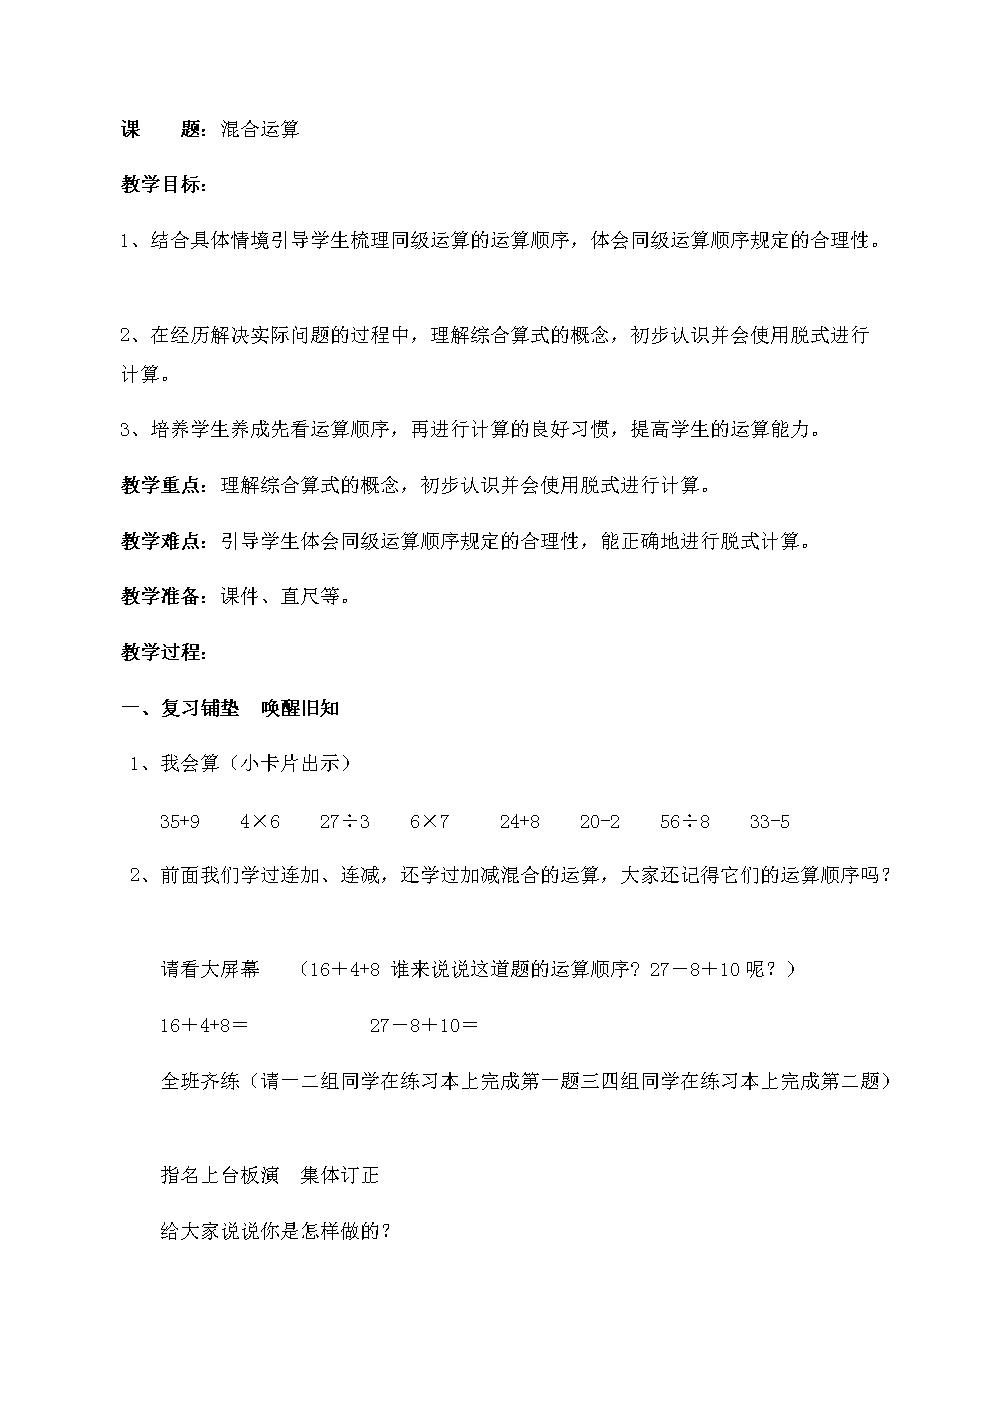 二年级下册数学教案-2.1 混合运算|北京版.docx